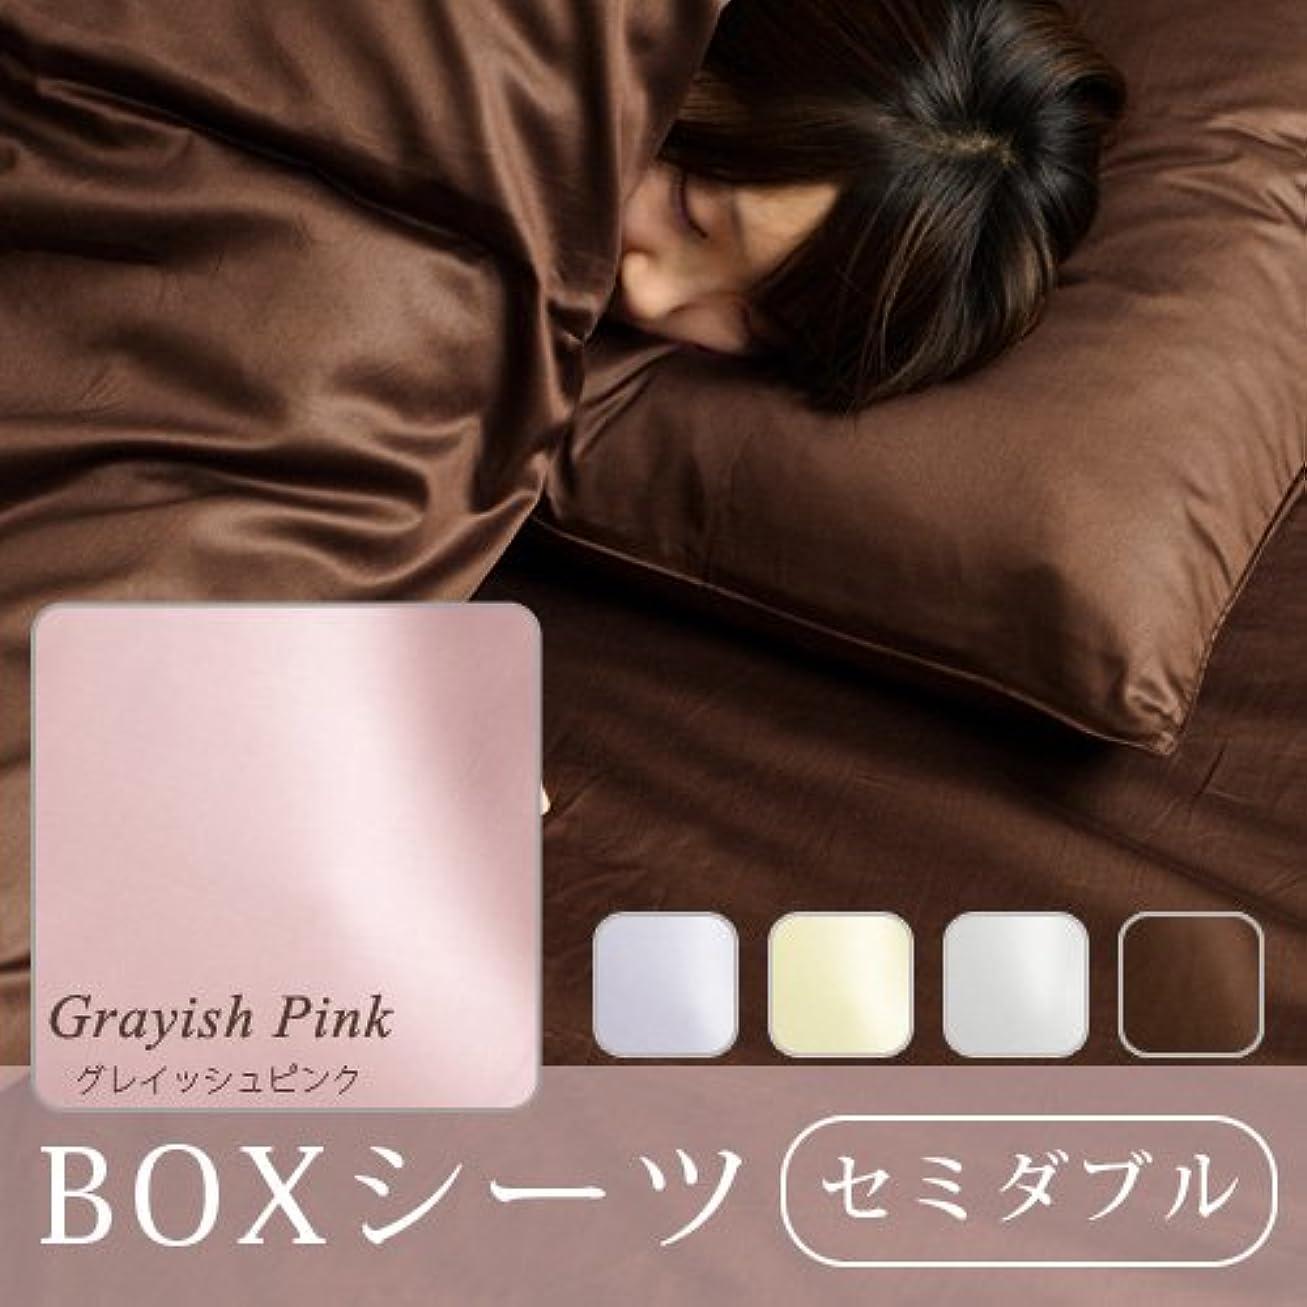 真っ逆さま顎皮肉なNoble ノーブル 80サテン ボックスシーツ [ セミダブル/グレイッシュピンク ] 日本製